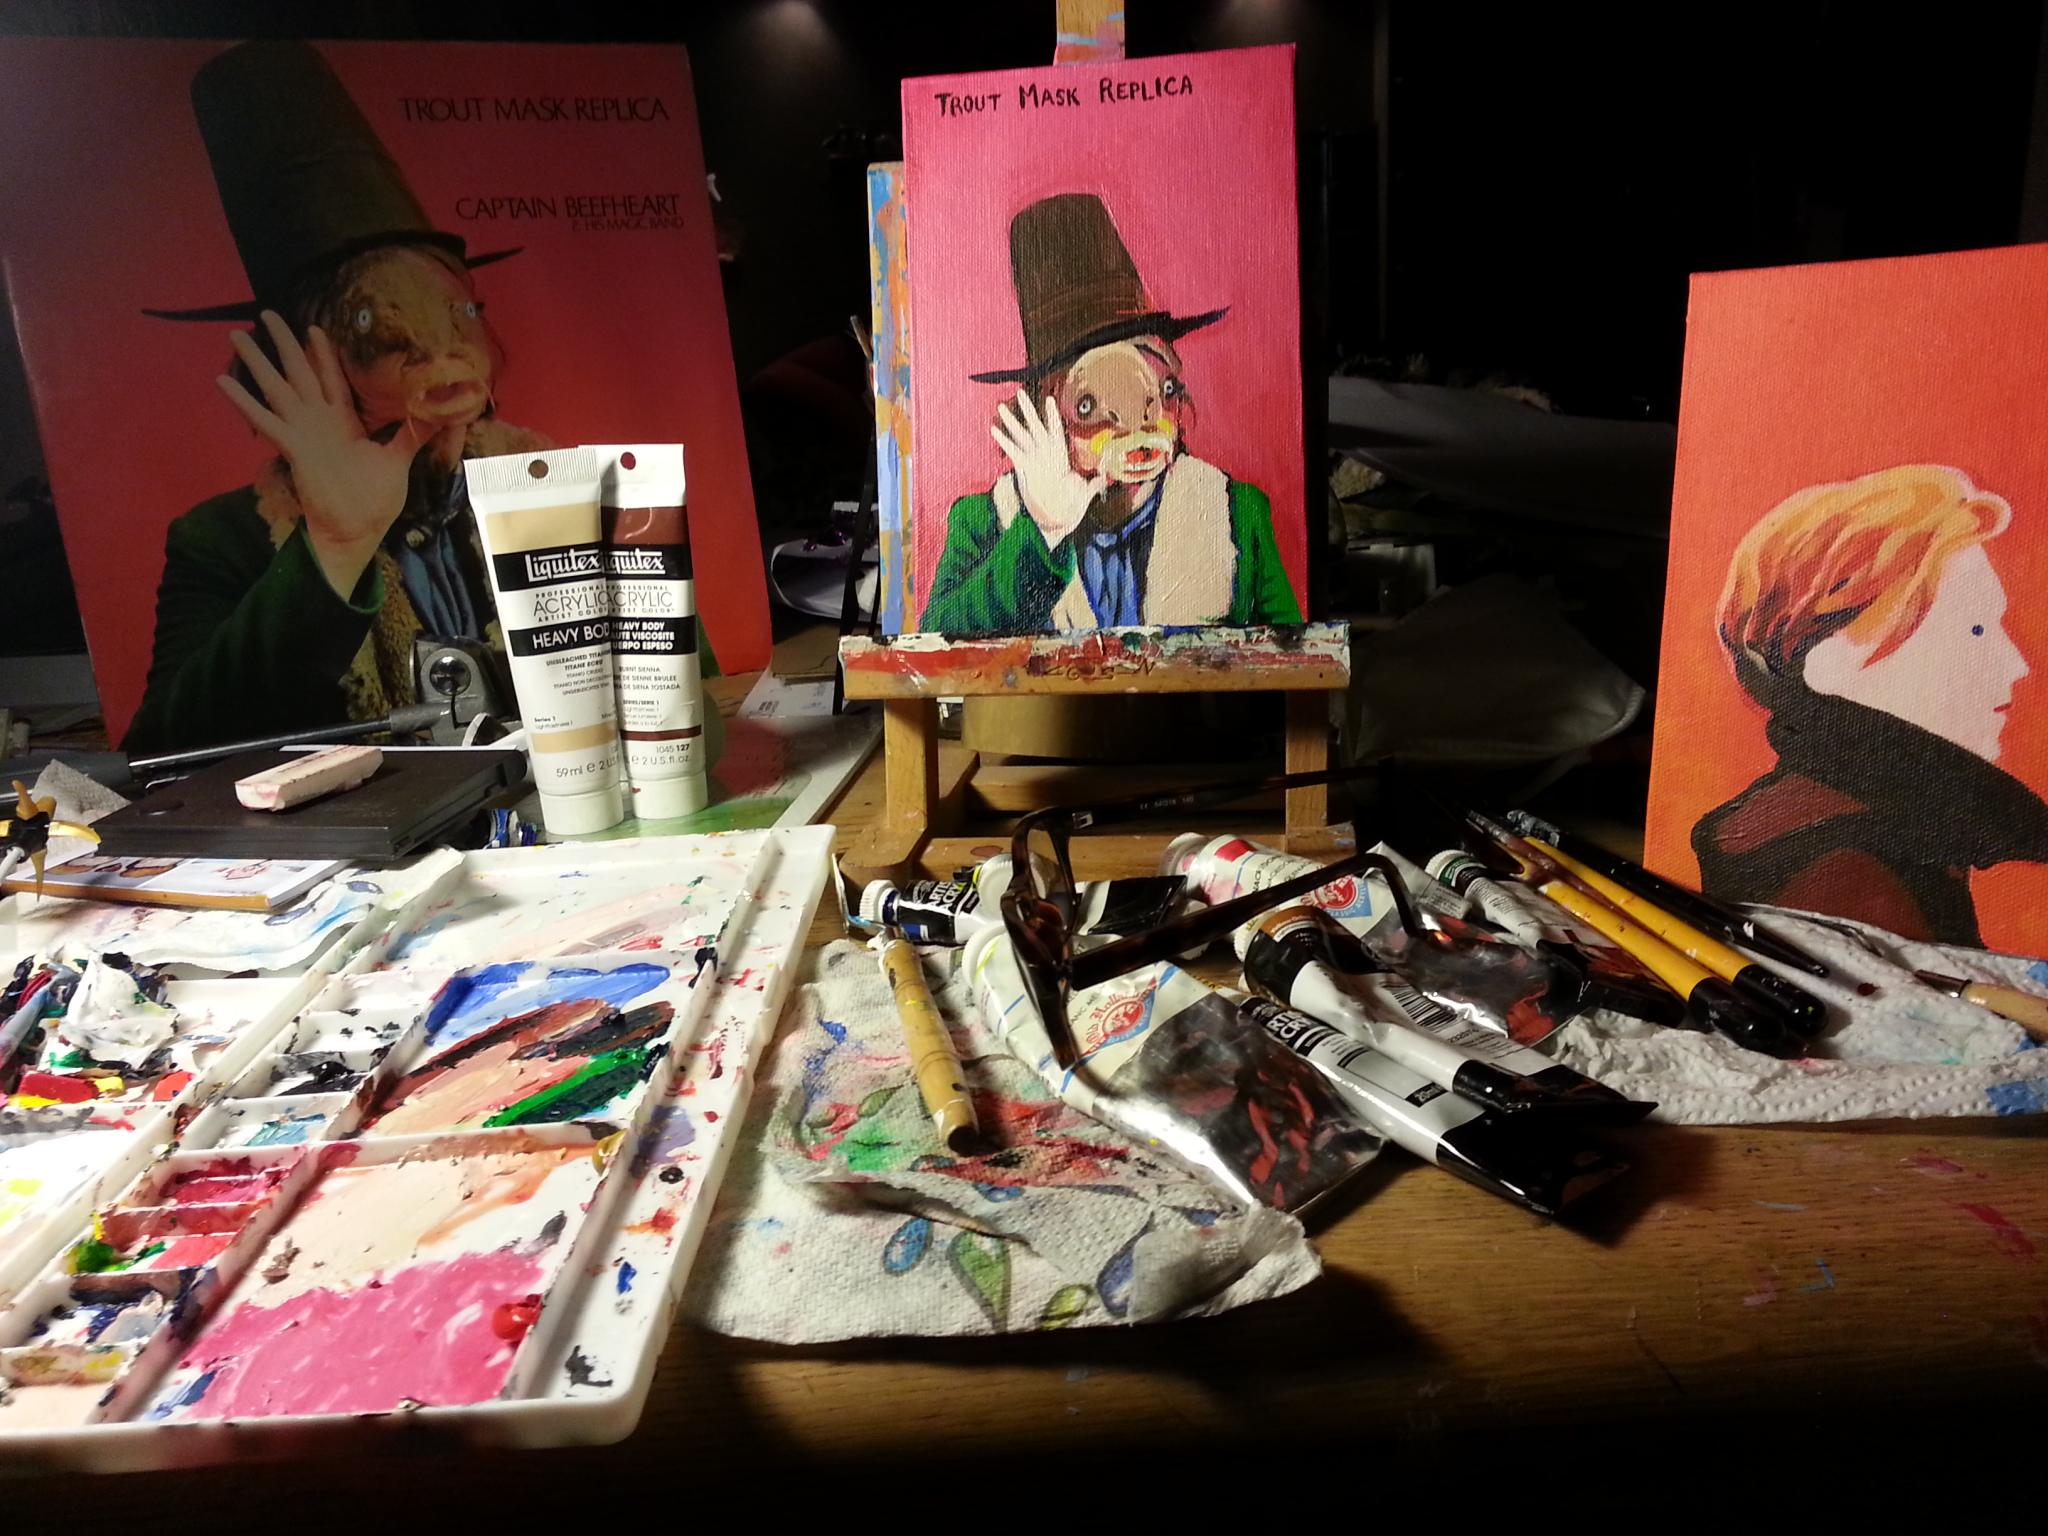 I paint too